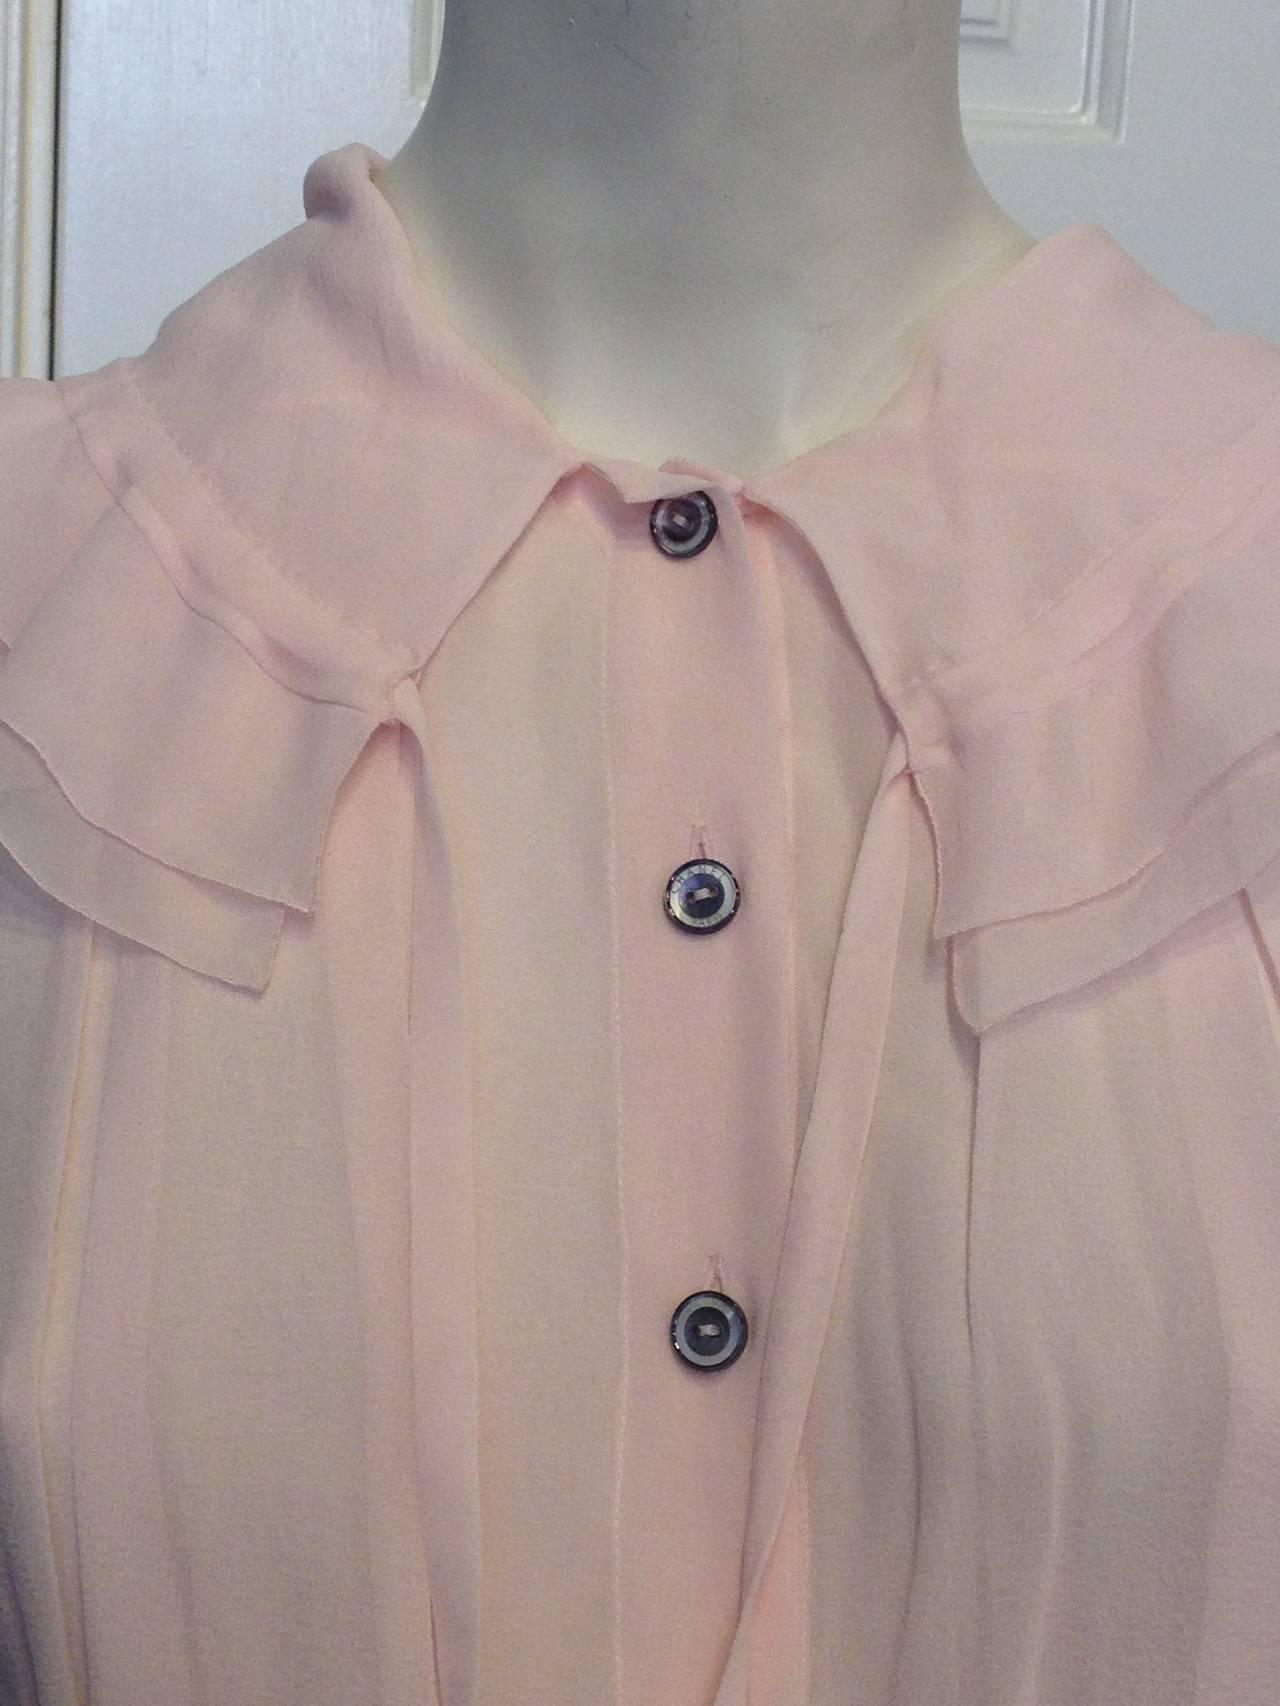 Chanel Baby Pink Chiffon Ruffled Blouse 6